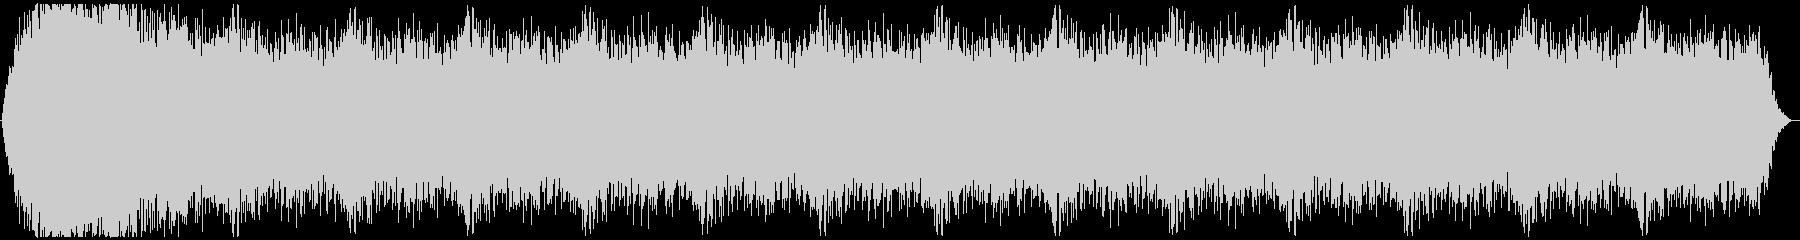 ドローン ストームハイ03の未再生の波形